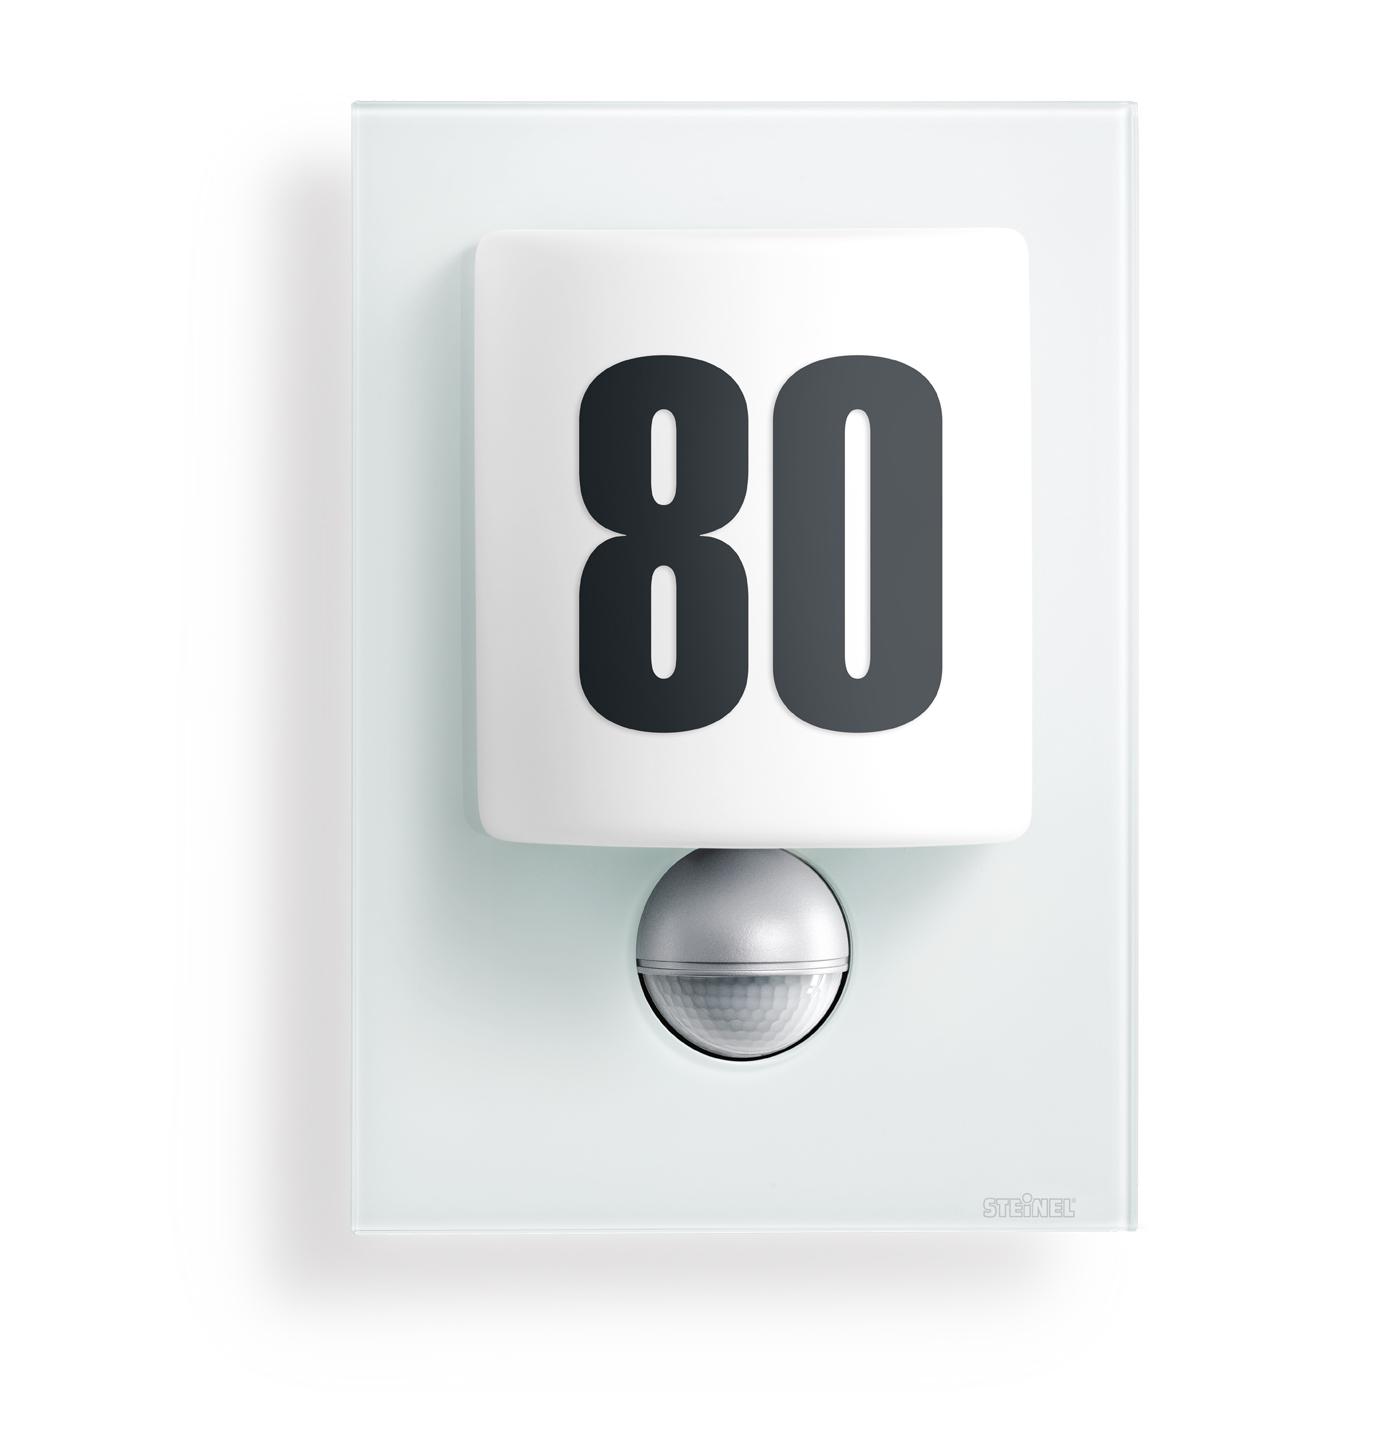 steinel sensorleuchte l 680 led glasblende wei 003821 fh. Black Bedroom Furniture Sets. Home Design Ideas